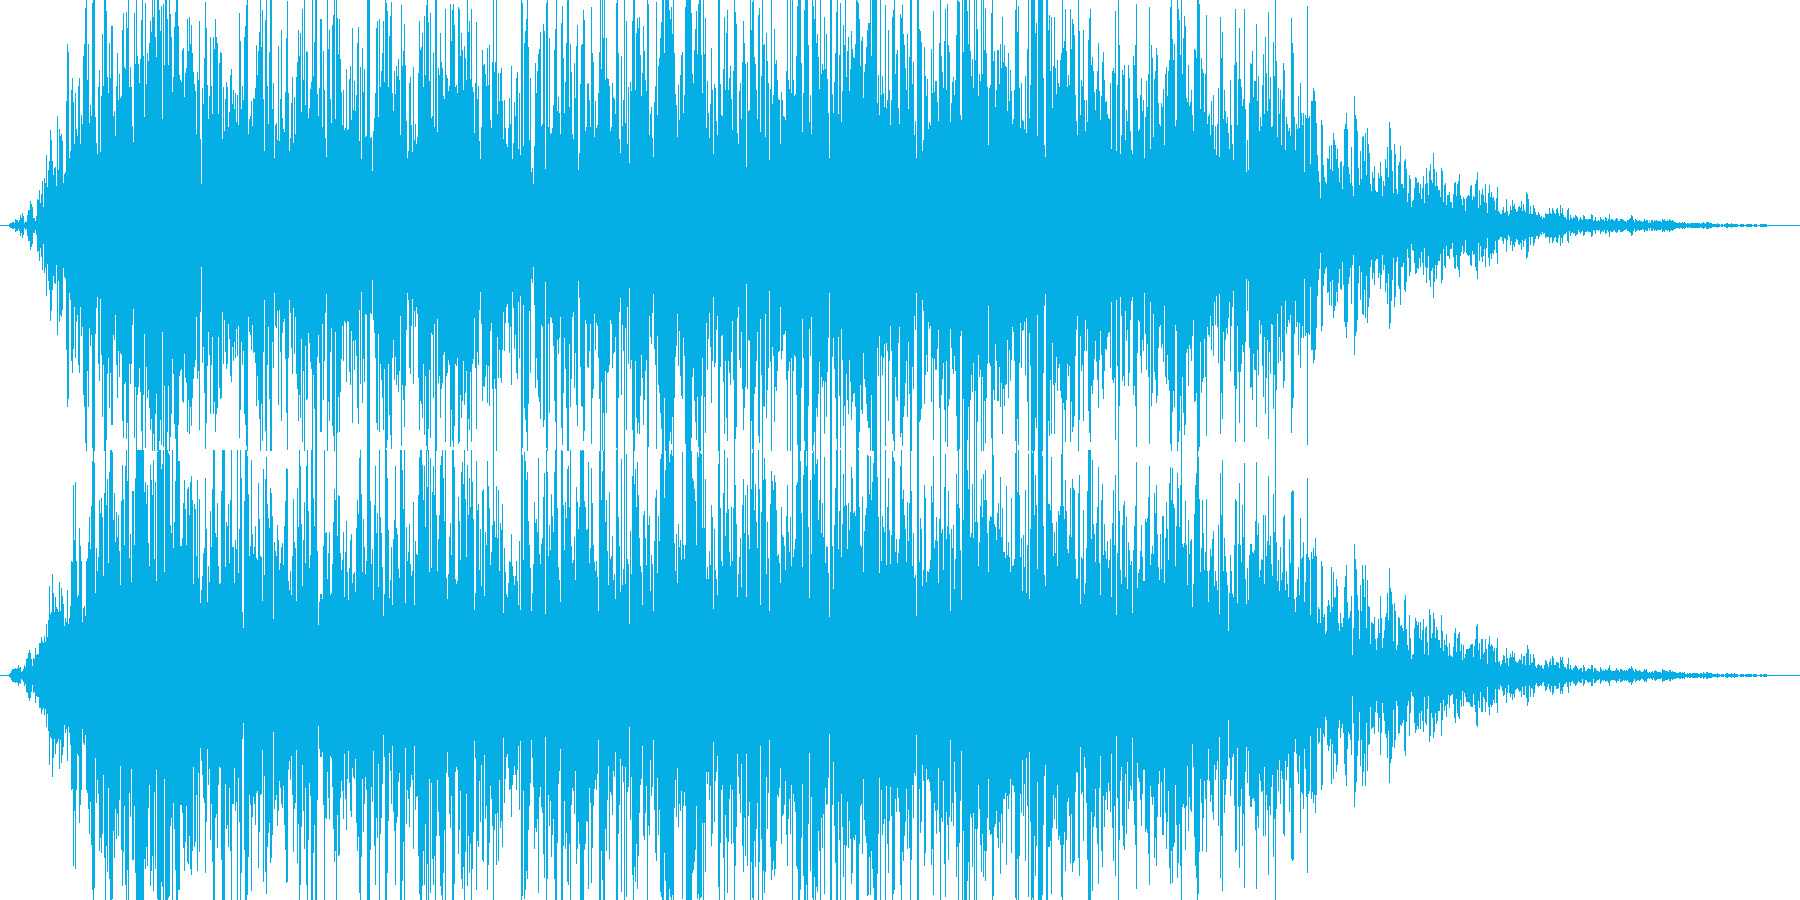 地震魔法(地割れ発生)の再生済みの波形